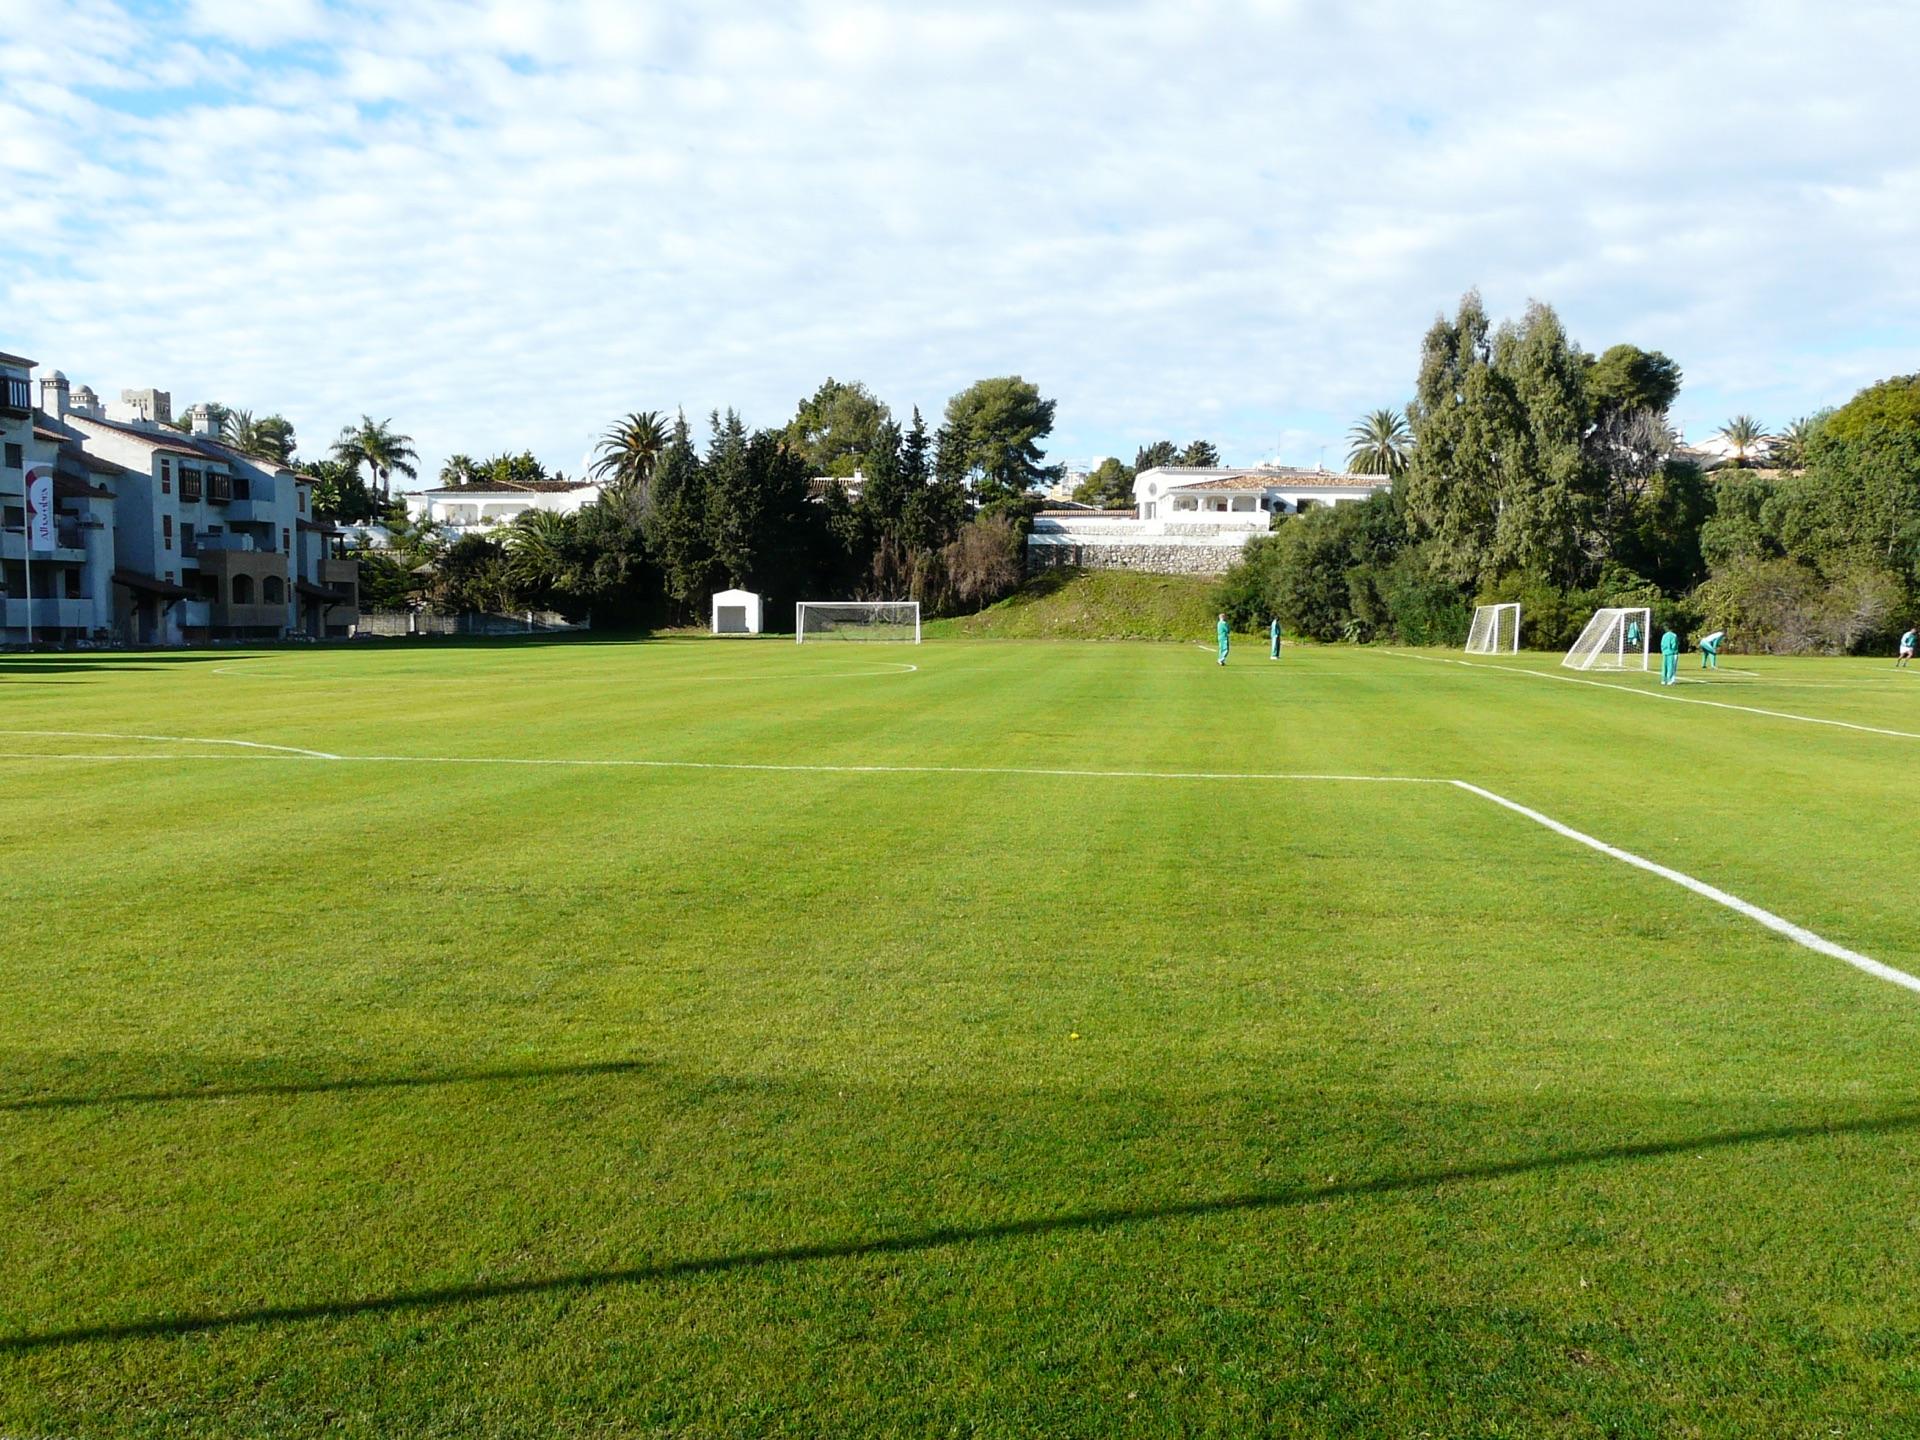 Football pitch atalaya Park